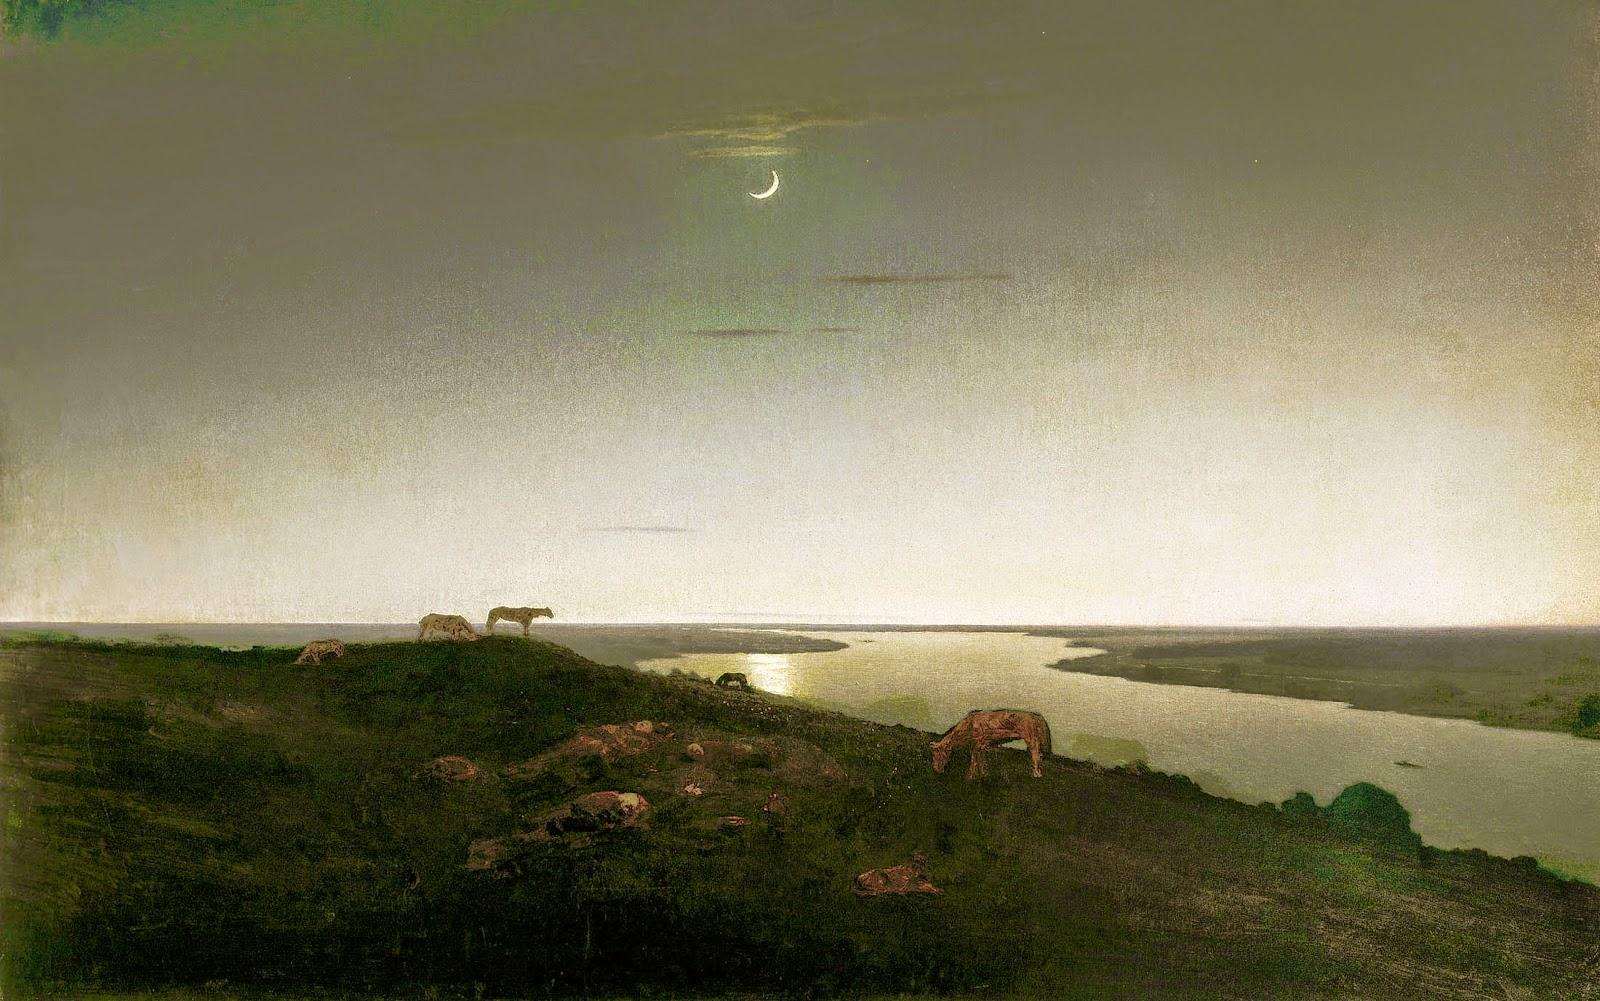 Архип Иванович Куинджи и его невероятные лунные ночи